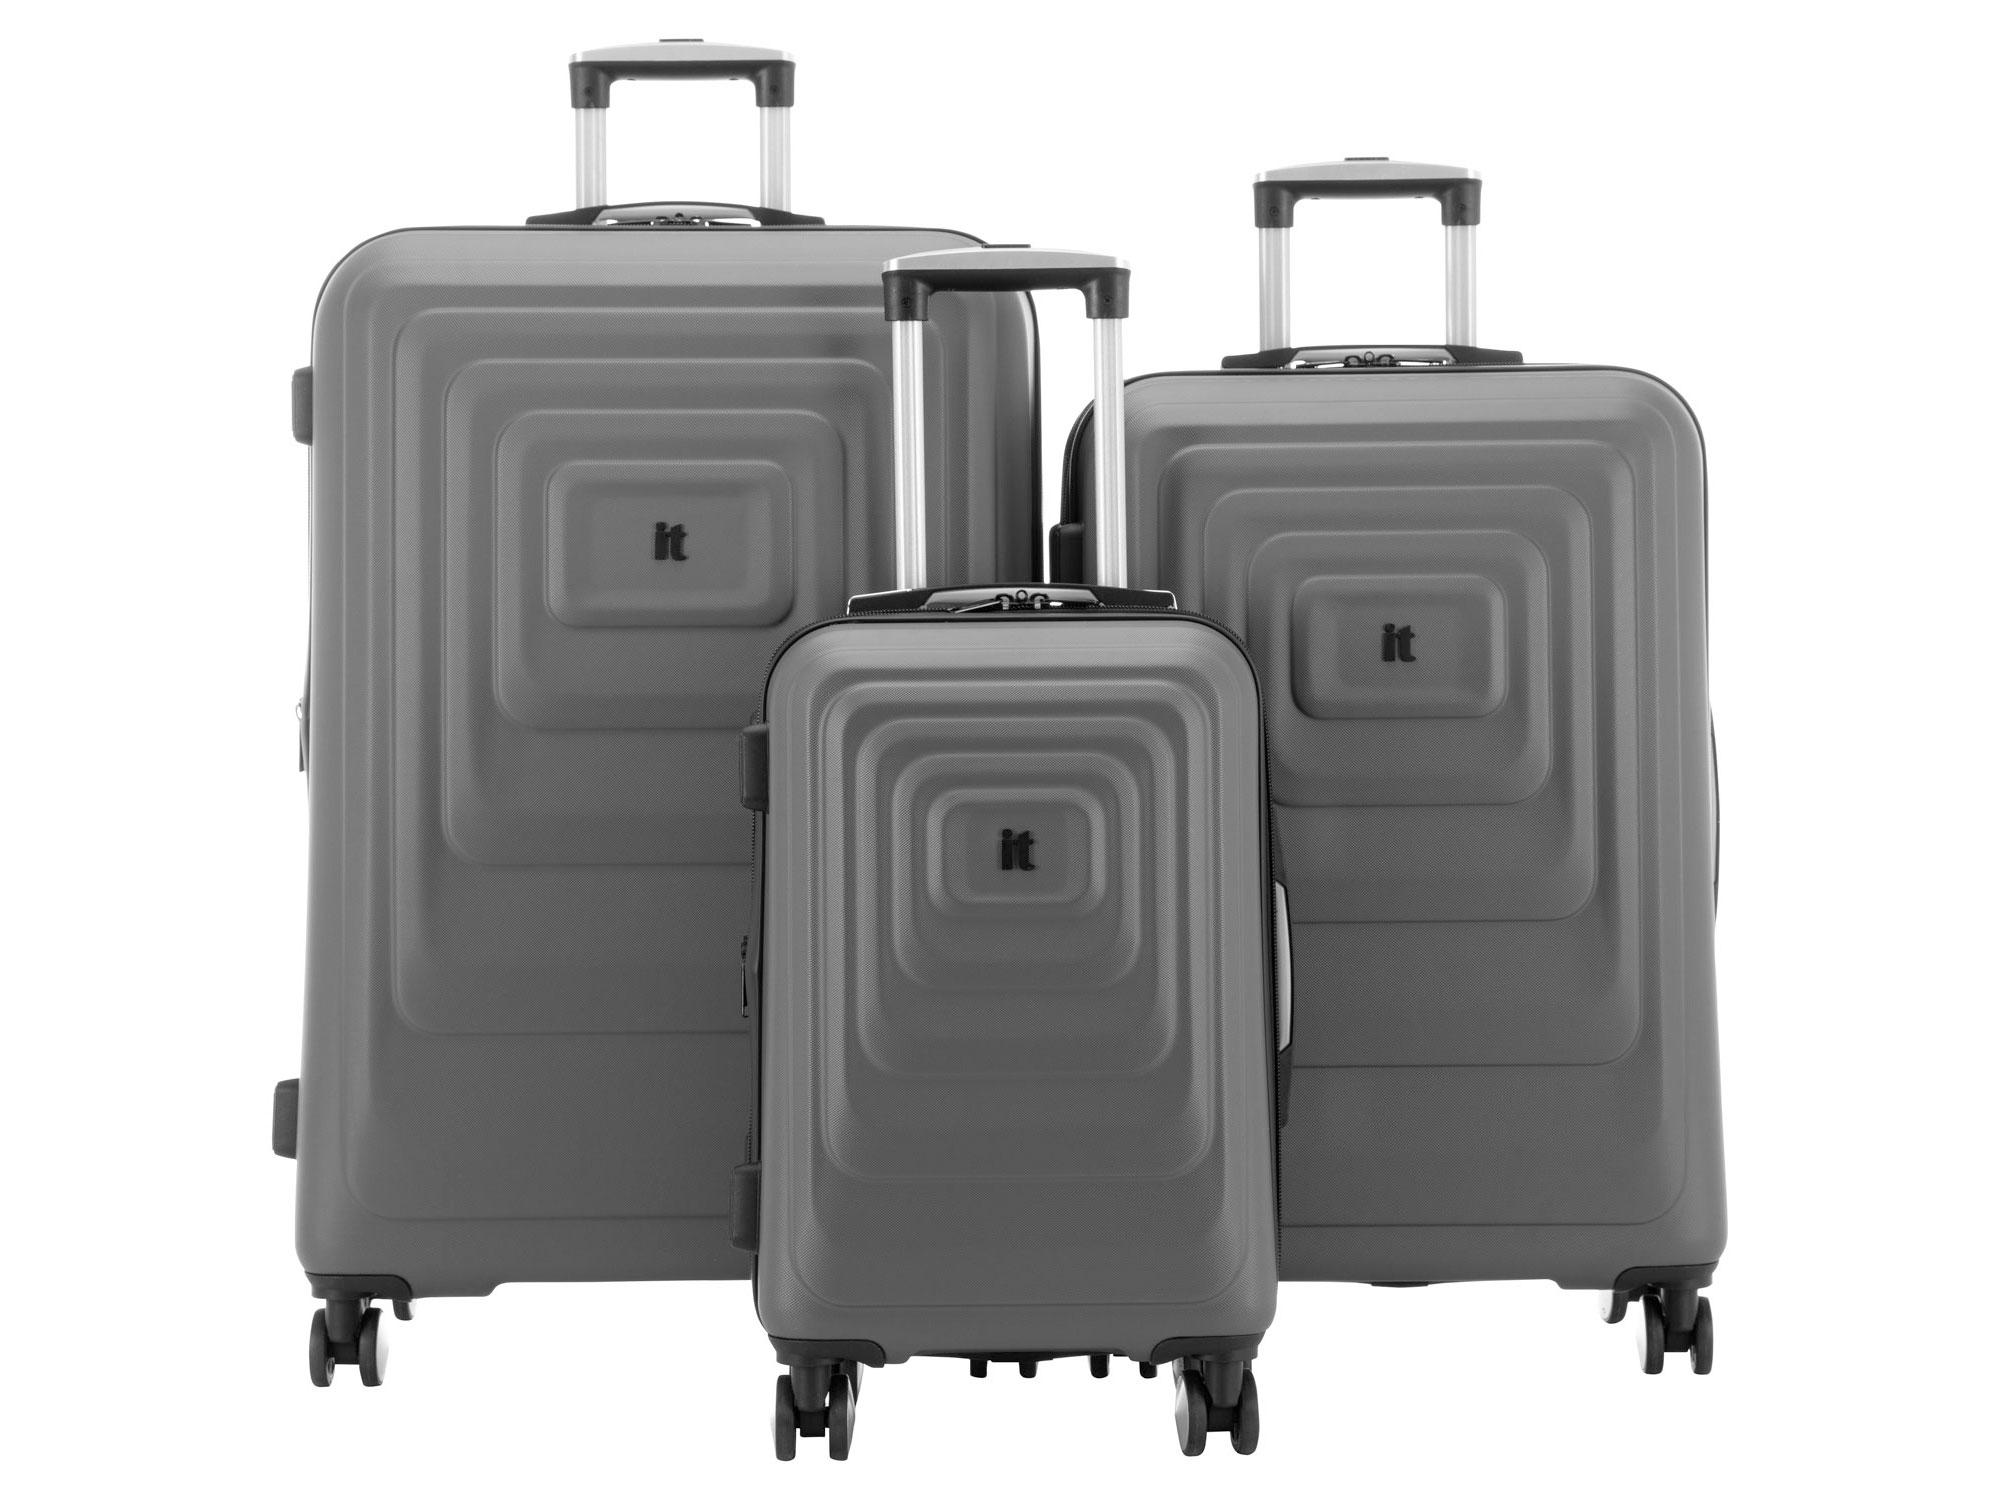 BestBuy.ca:it luggage Mesmerize行李箱一套三件(31吋 + 28吋 + 21.5吋)只賣$99.99